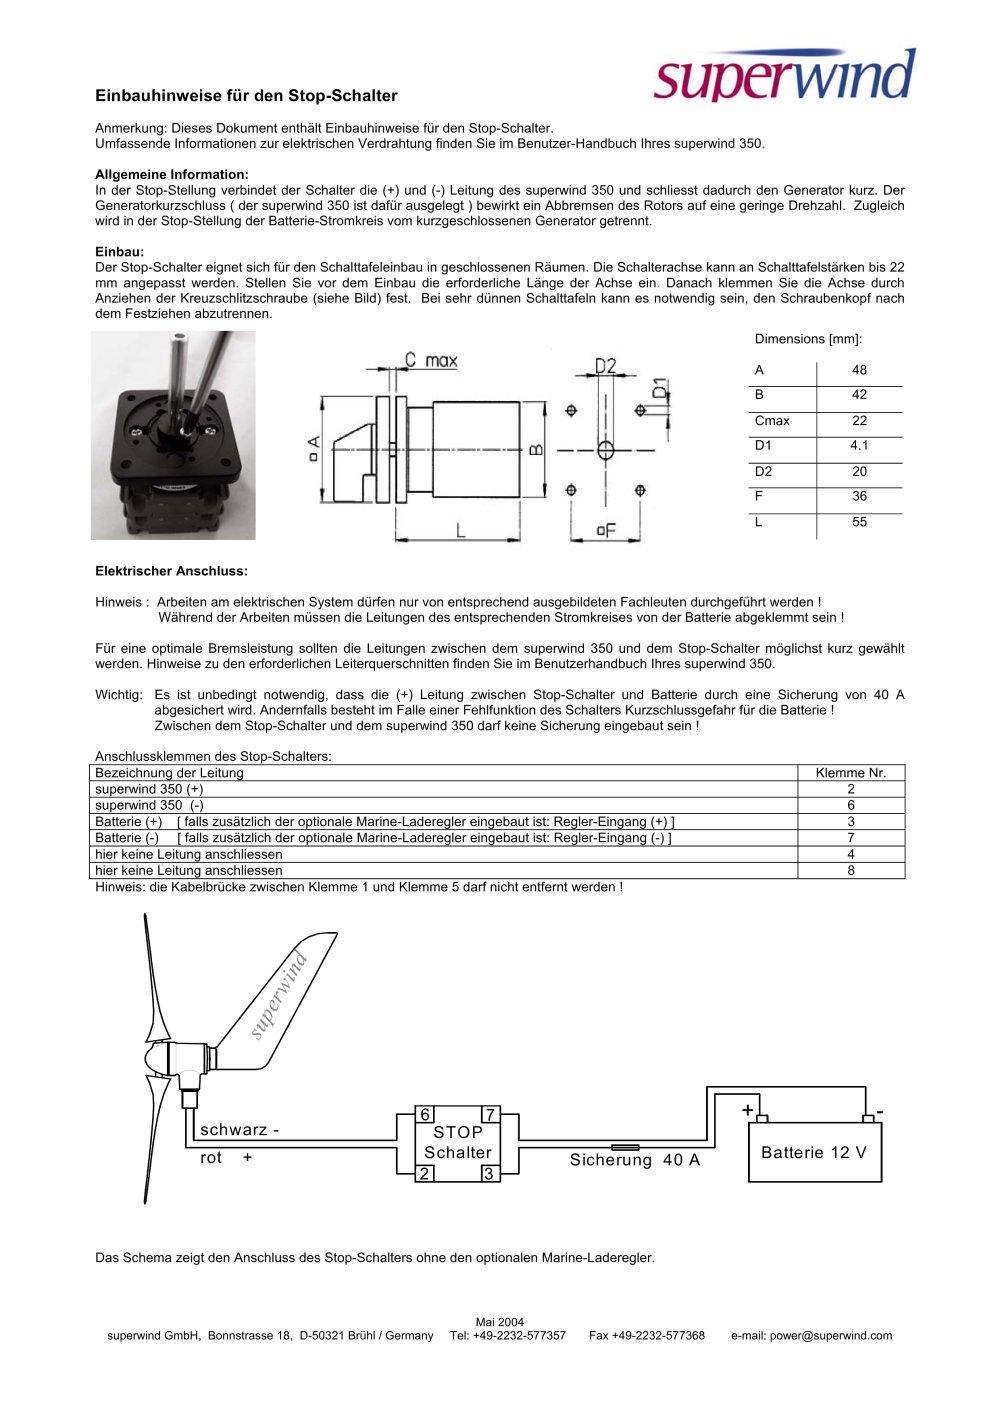 Schön Verdrahtung Elektrischer Schalter Bilder - Der Schaltplan ...